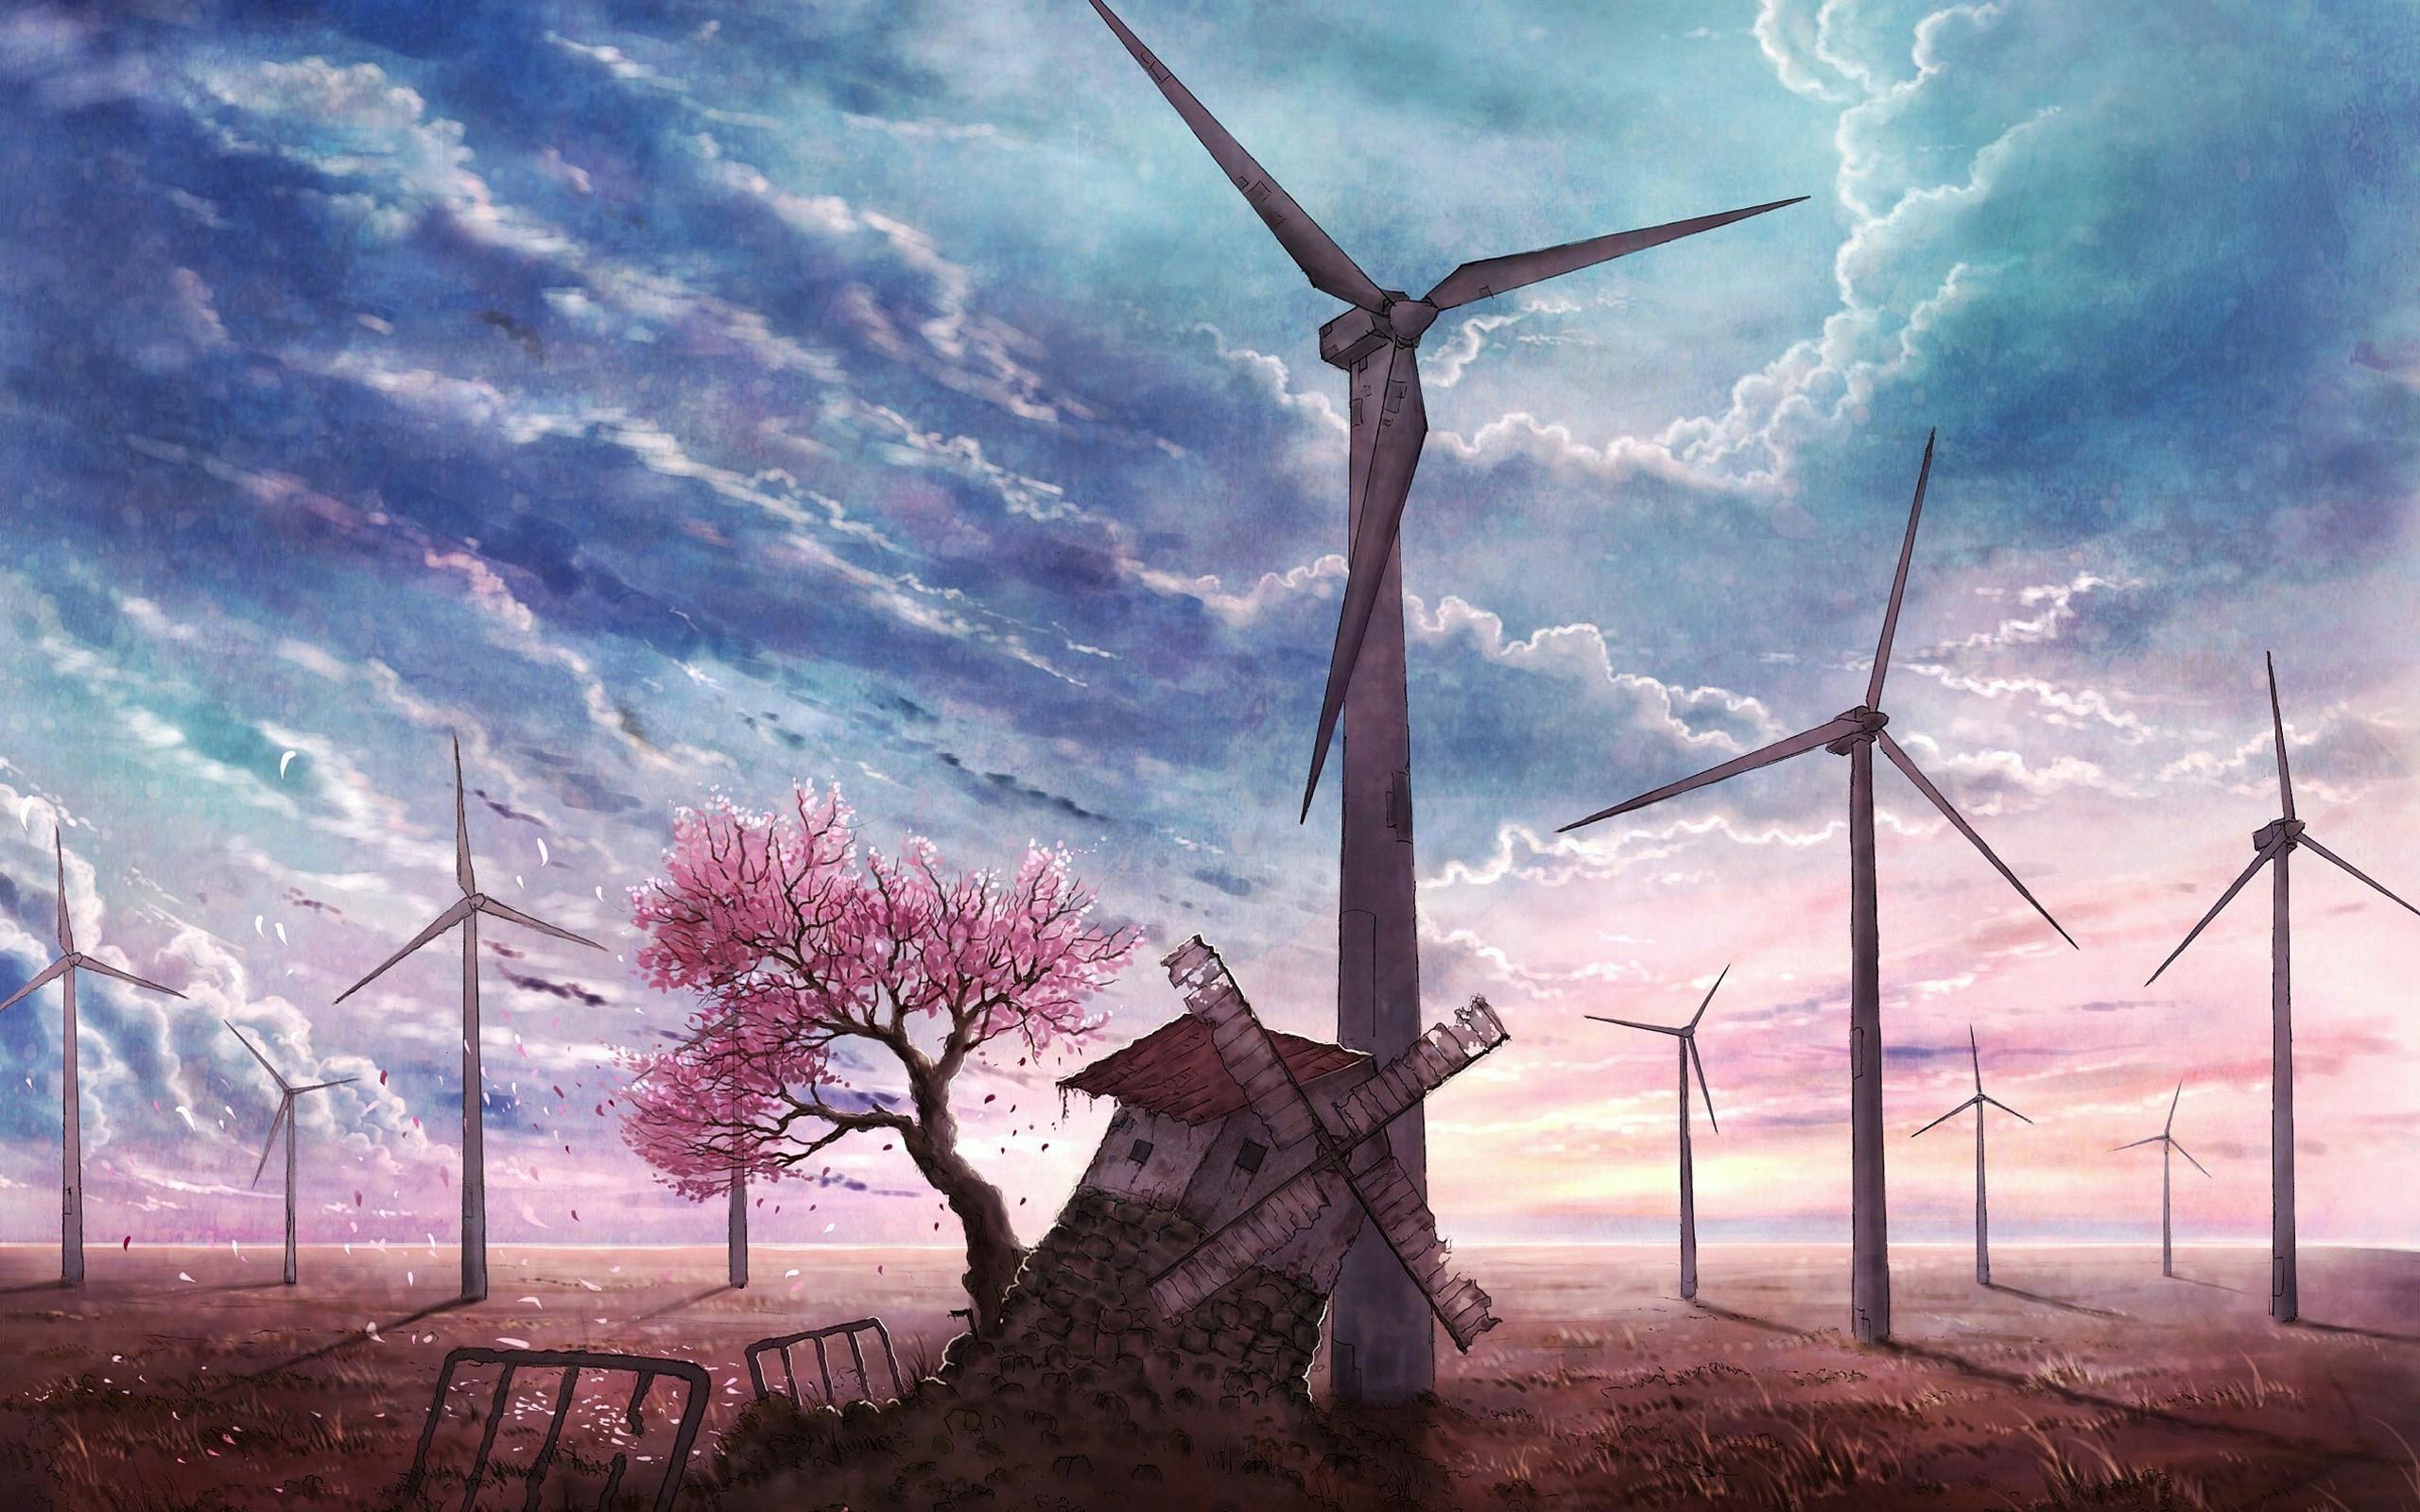 Masaüstü Manzara Boyama Anime Gökyüzü Yel Değirmeni Makine